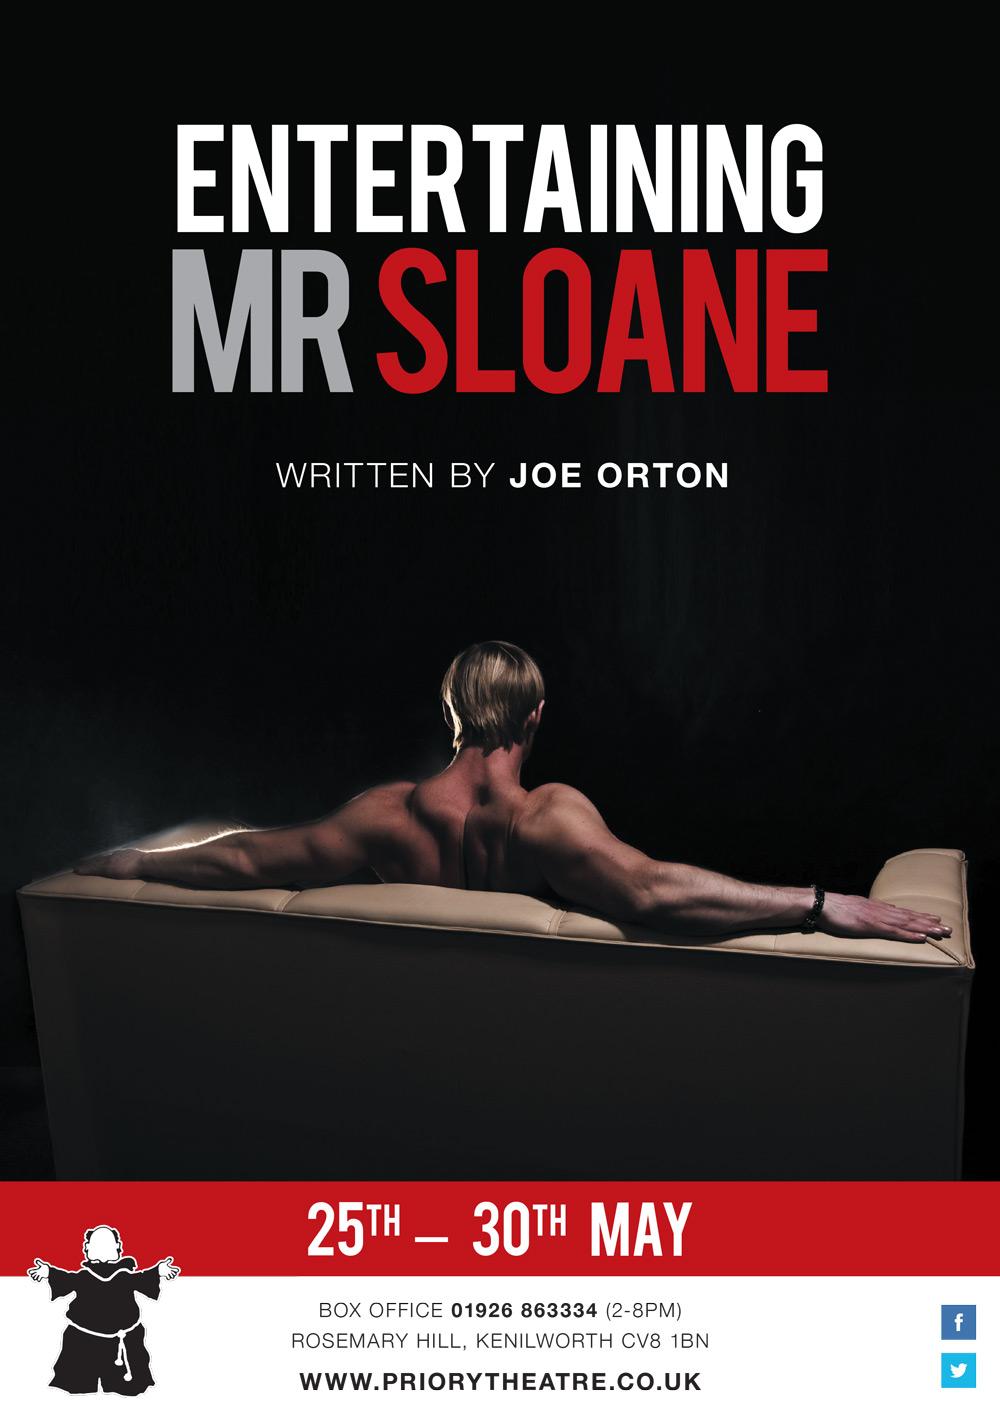 A Drama by Joe Orton!